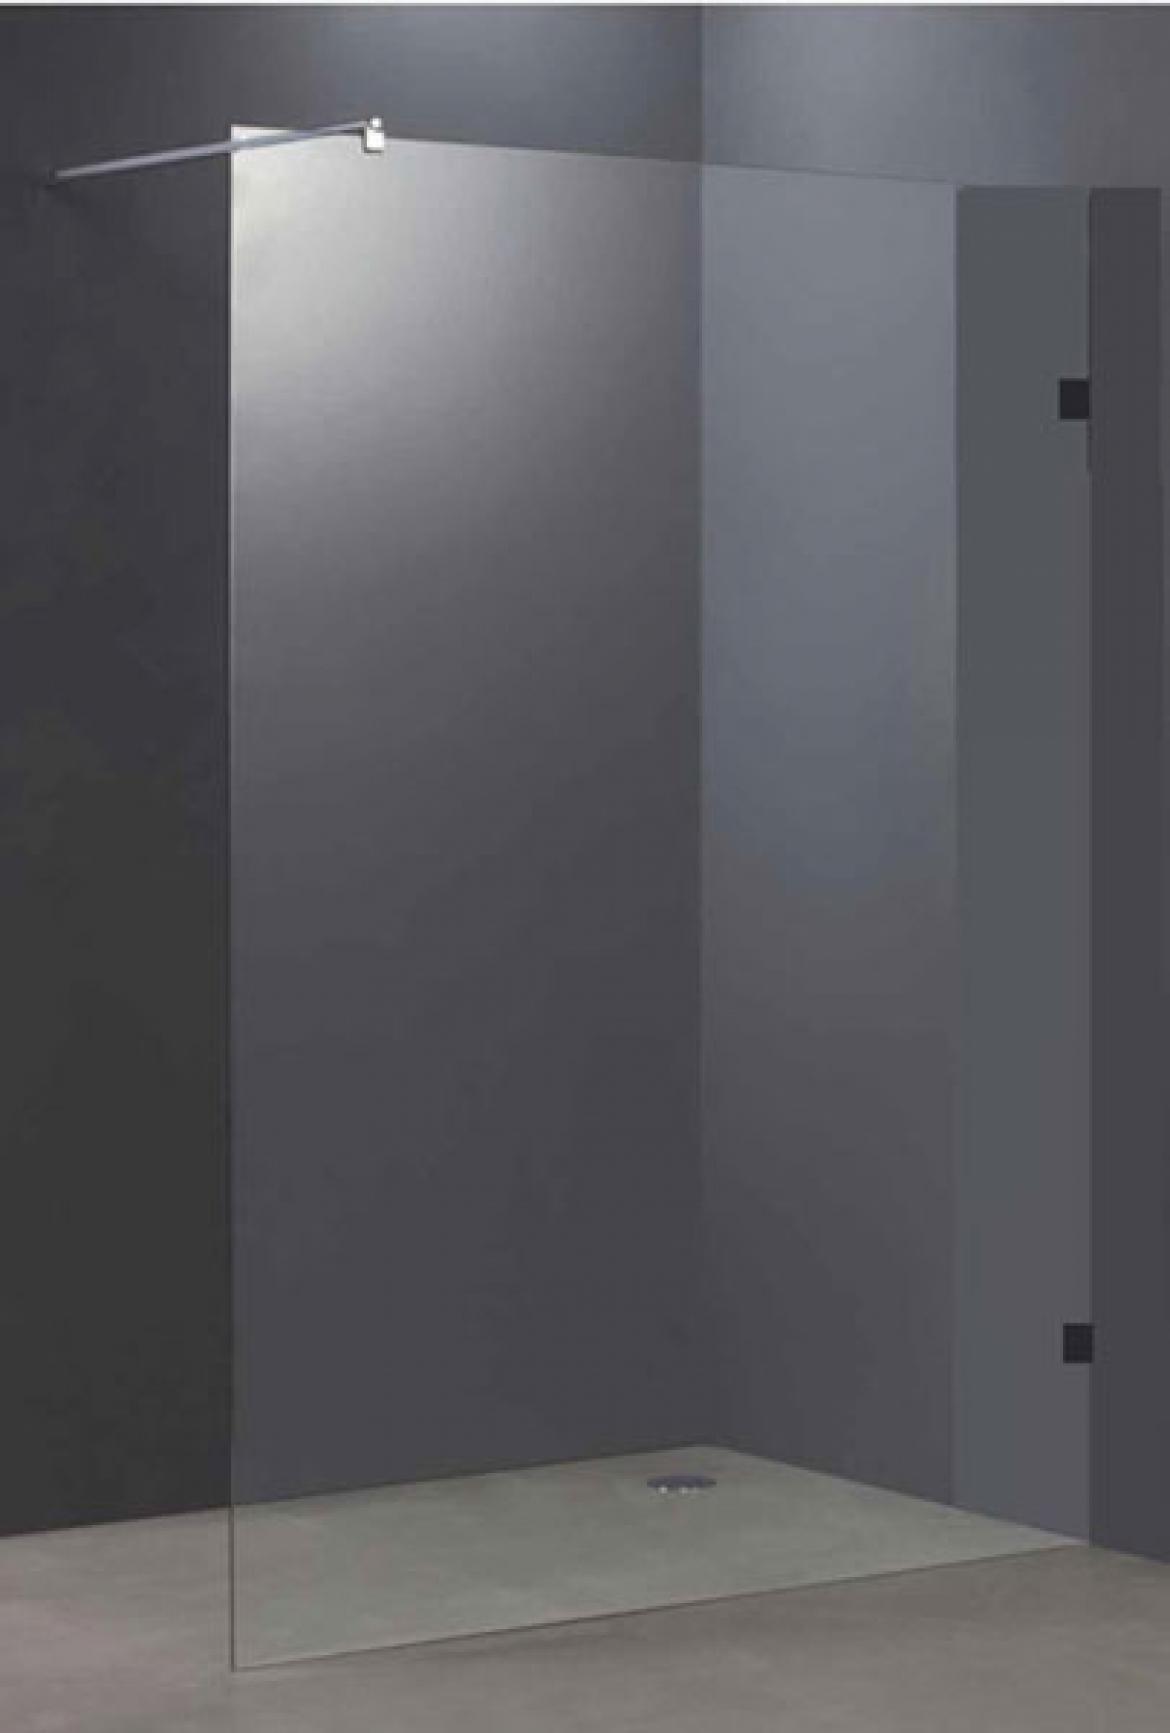 Walk in shower screen [1000 x 1950 mm]